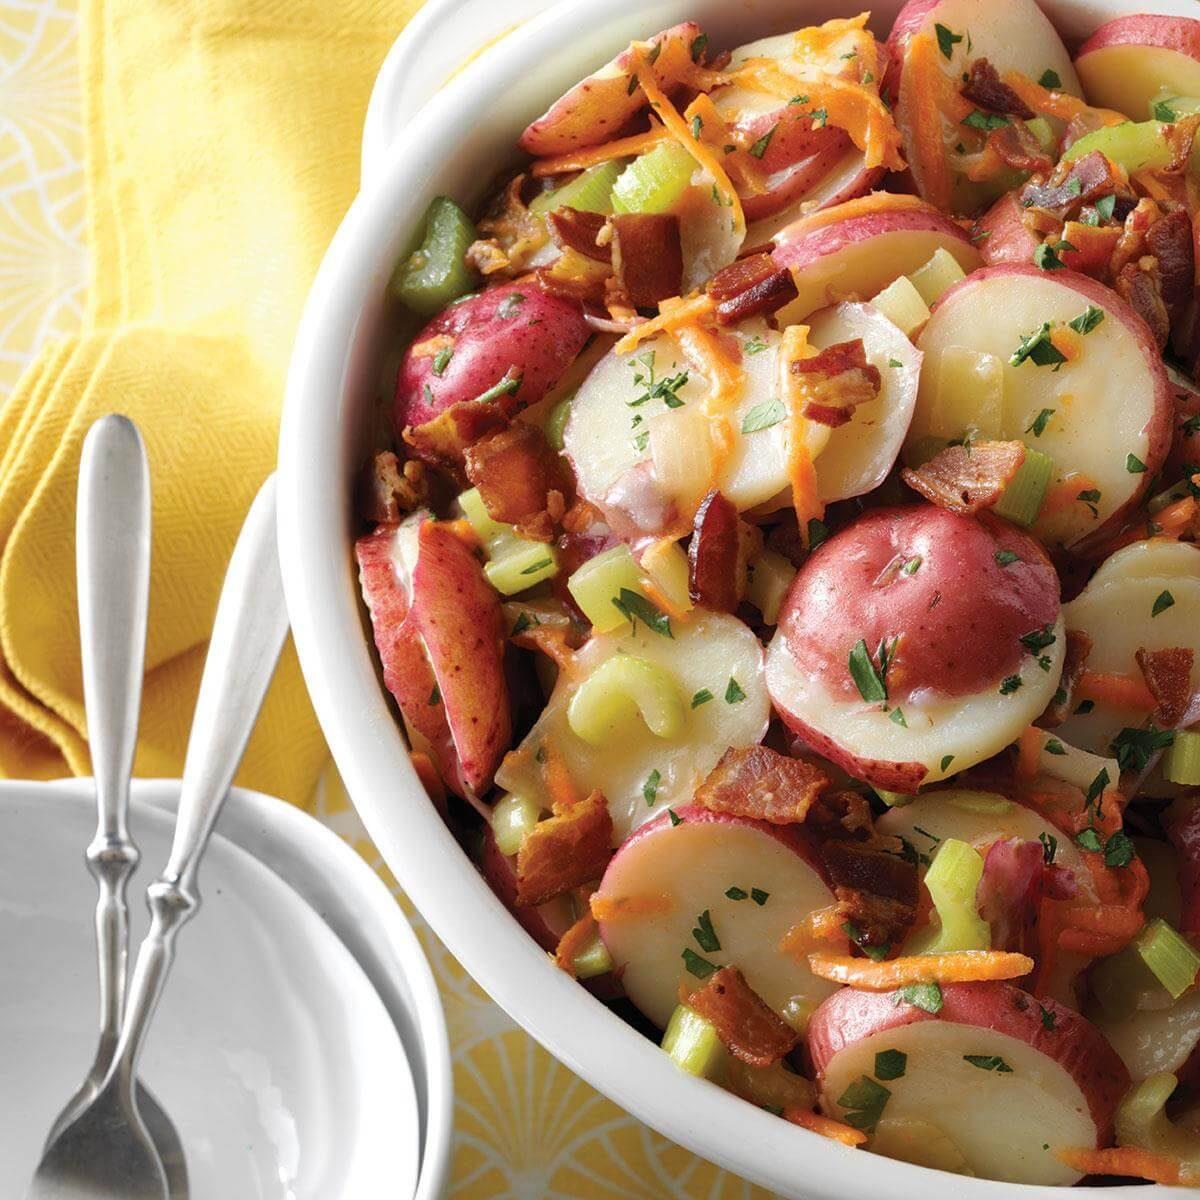 Arkansas: Deluxe German Potato Salad